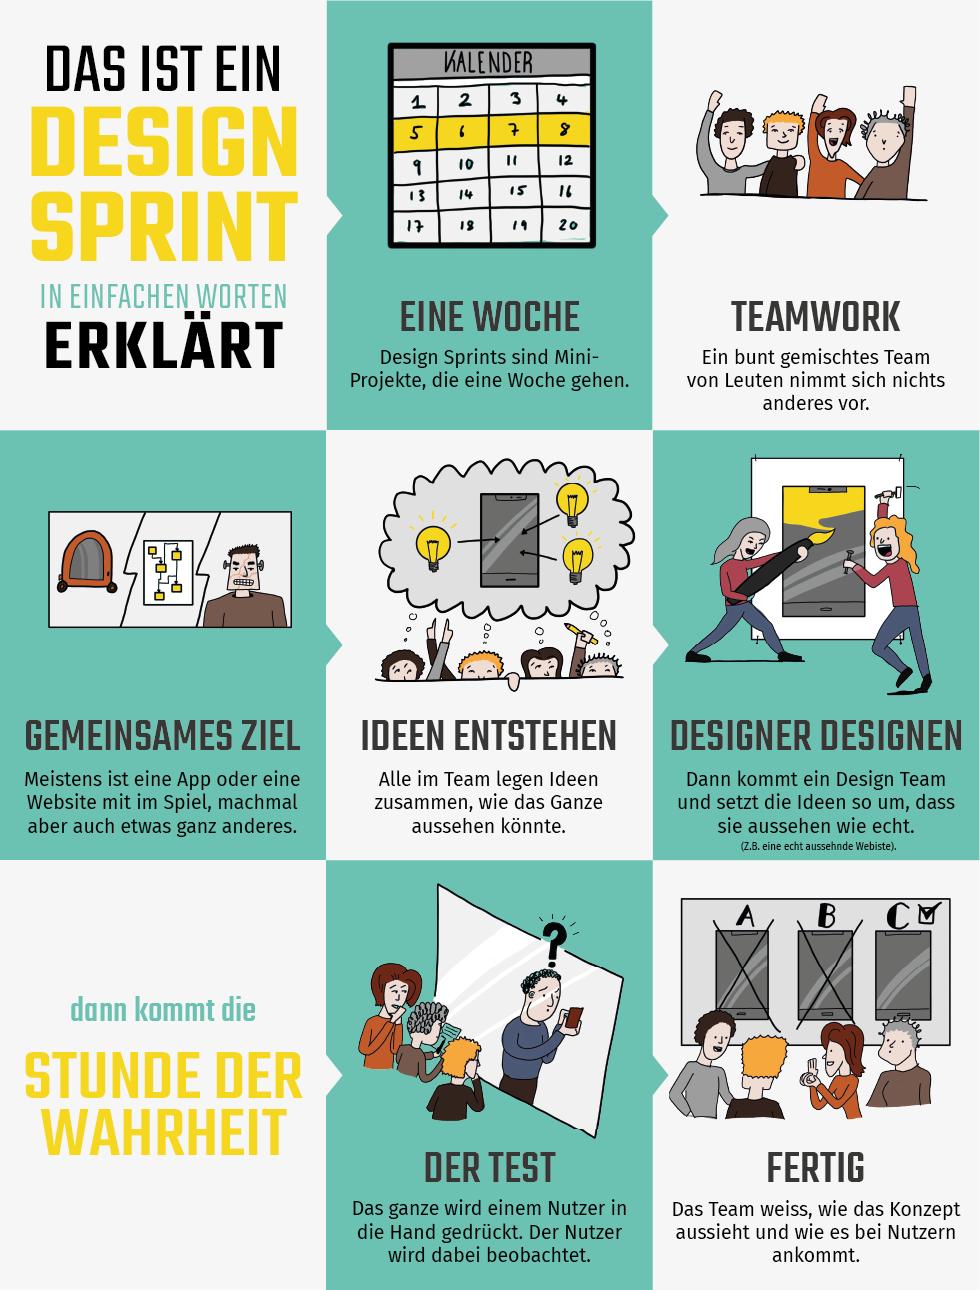 Die Design Sprint Definition hilft dir dabei Sprints zu verstehen und zu erklären.